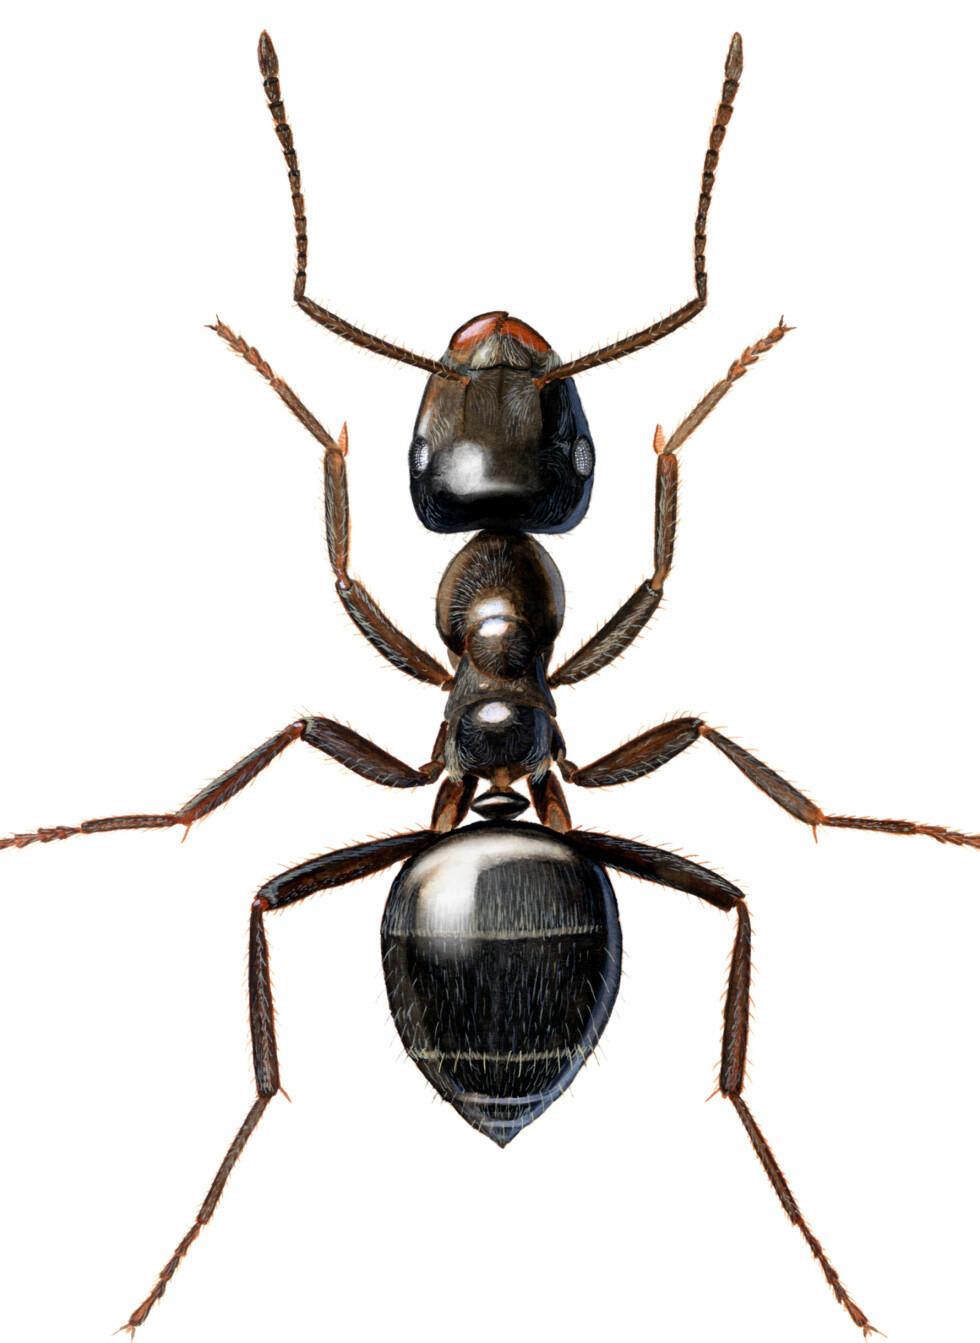 Svart jordmaur, eller sukkermaur er bare mellom tre og fem millimeter lange. De kommer gjerne inn i jakt på mat. Foto: Hallvard Elven/Folkehelseinstituttet